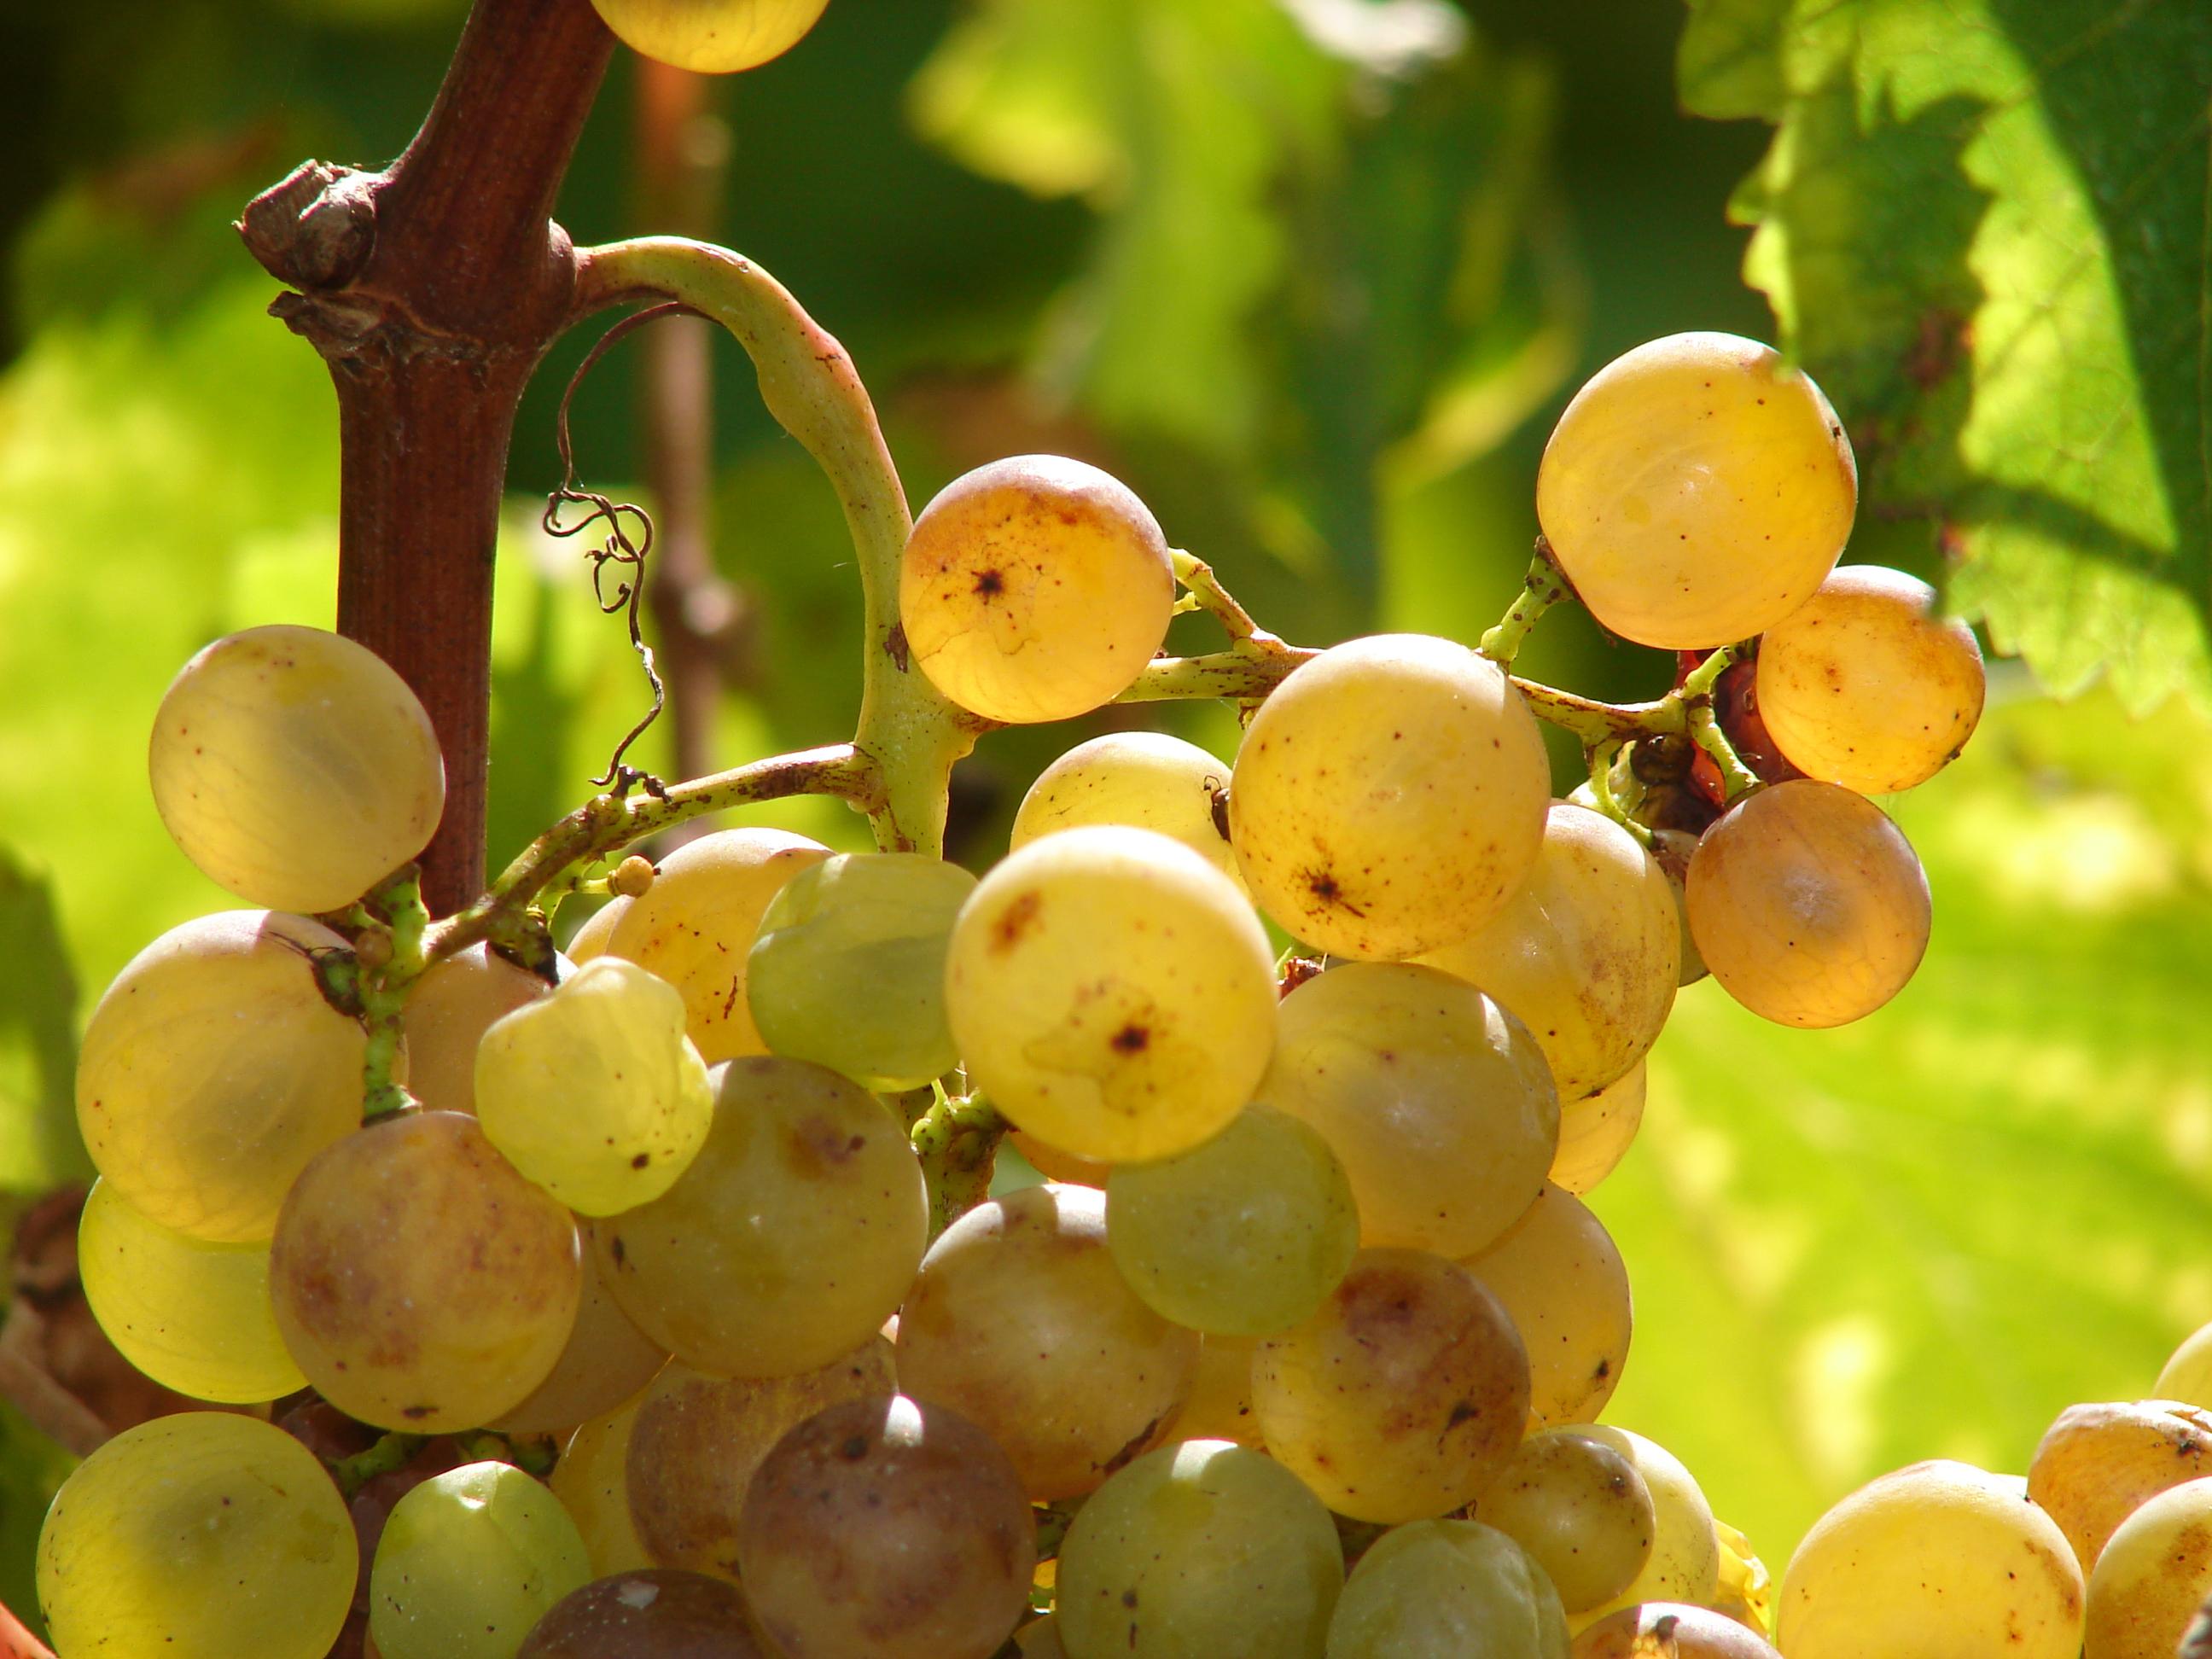 grappe de raisins charentais cognac en bateau charente inter croisieres sireuil nicols 7806 charentes tourisme.jpg